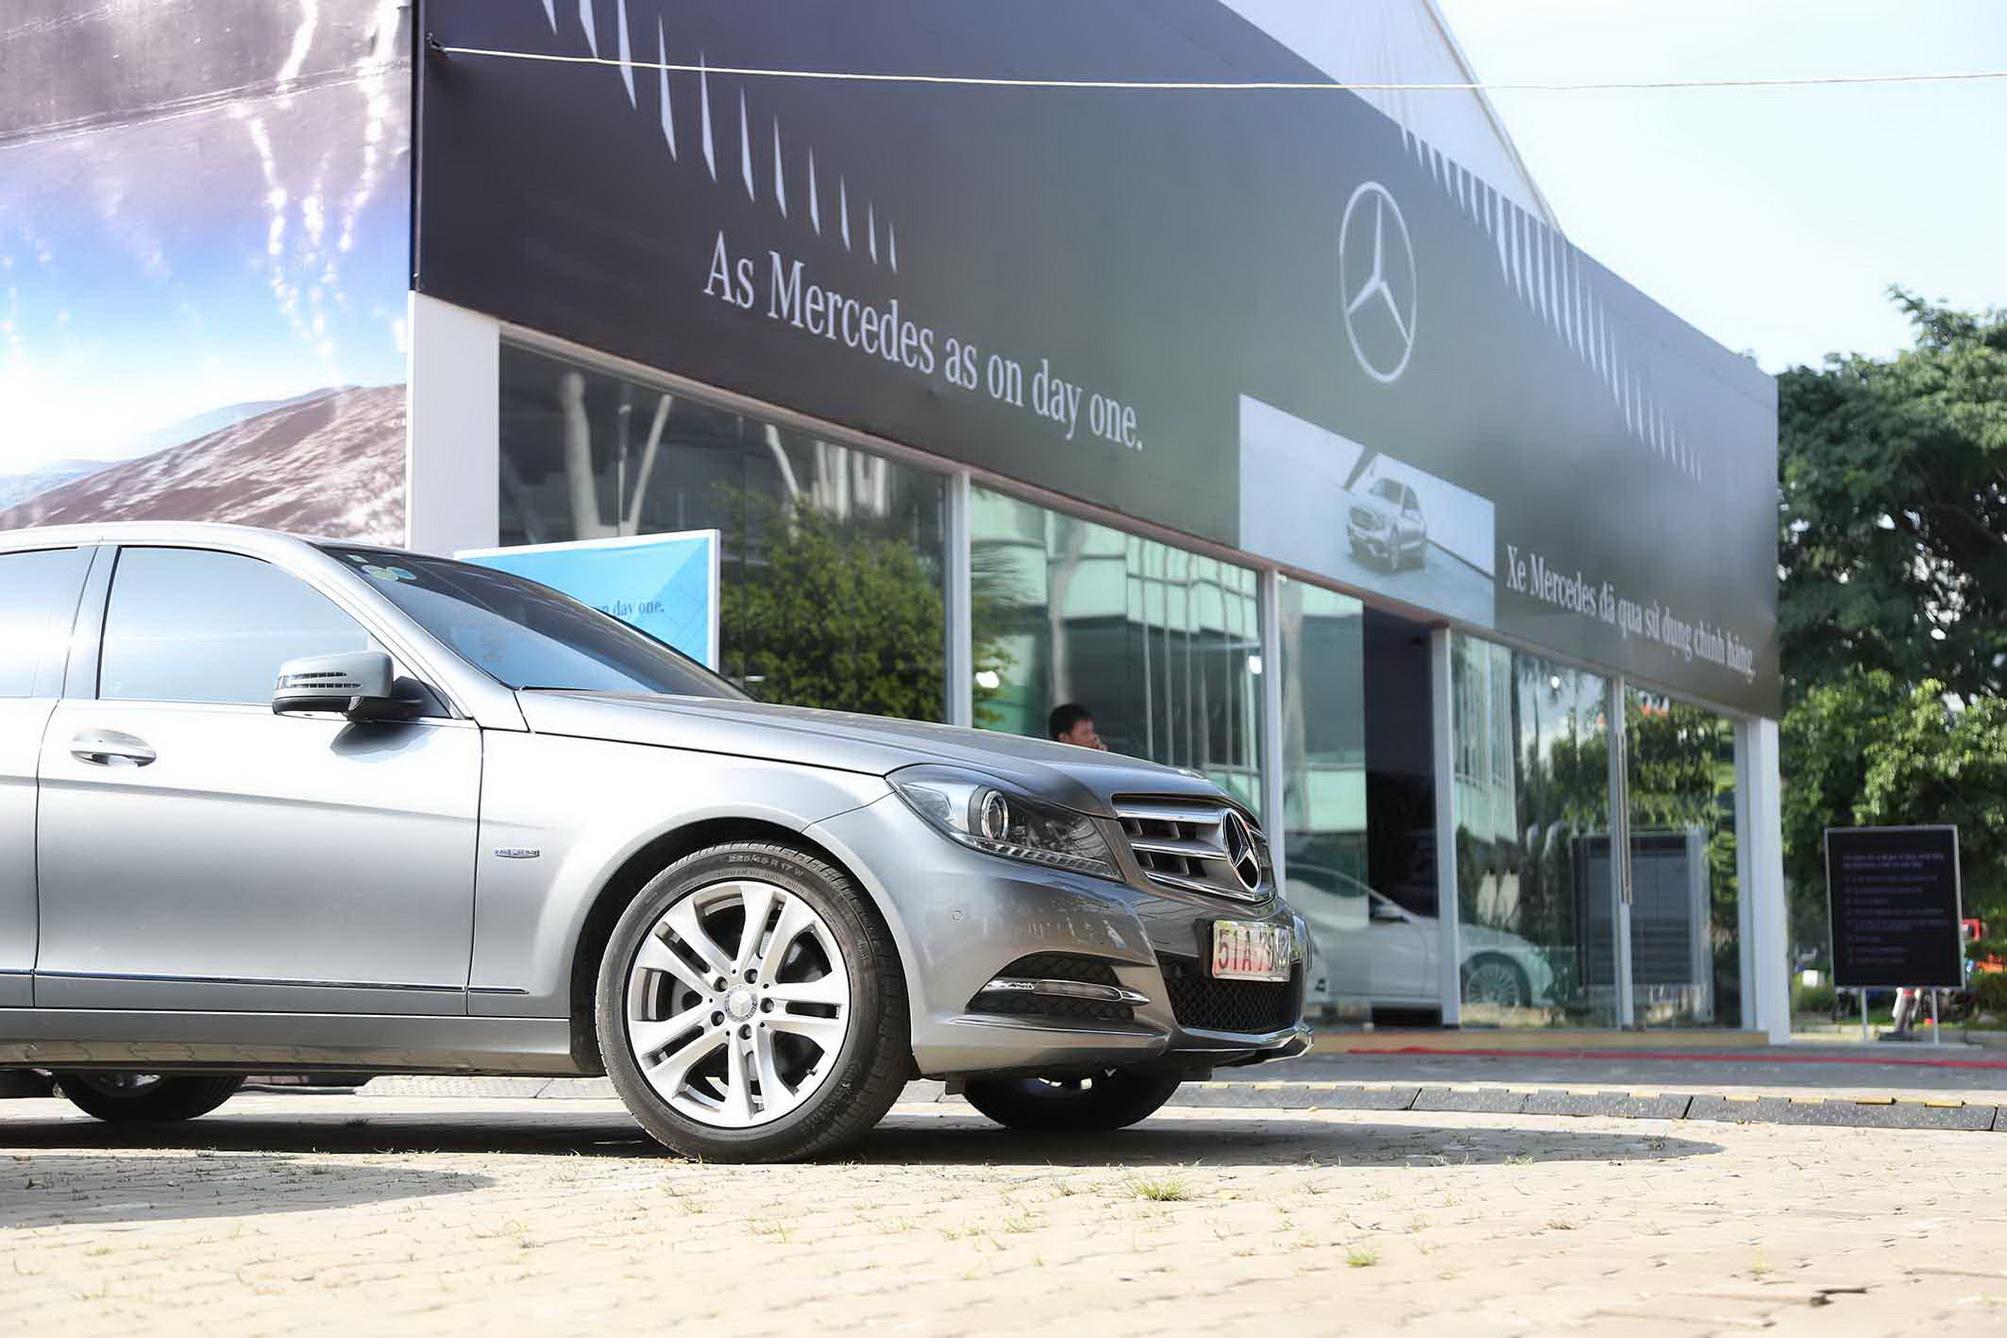 Bên cạnh những mẫu xe mới, Mercedes-Benz còn mang đến cho khách hàng những lựa chọn phù hợp với những mẫu xe chính hãng đã qua sử dụng